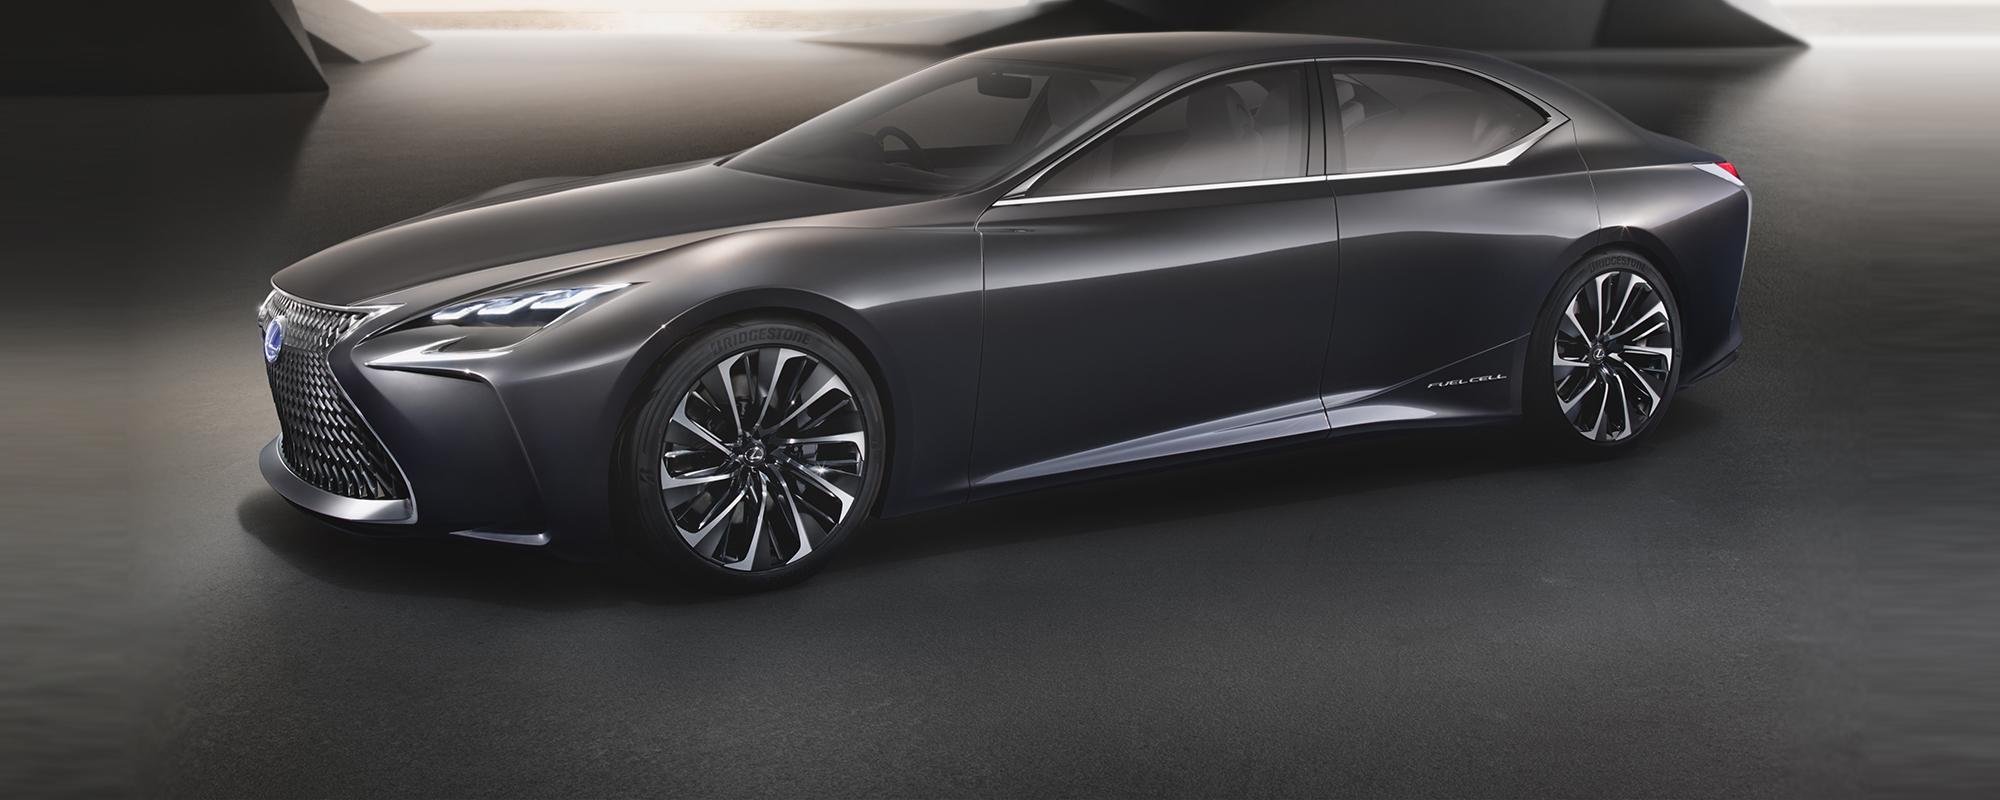 Lexus neemt het voortouw met visionaire premium Fuel Cell LF-FC 4-deurs Gran Turismo